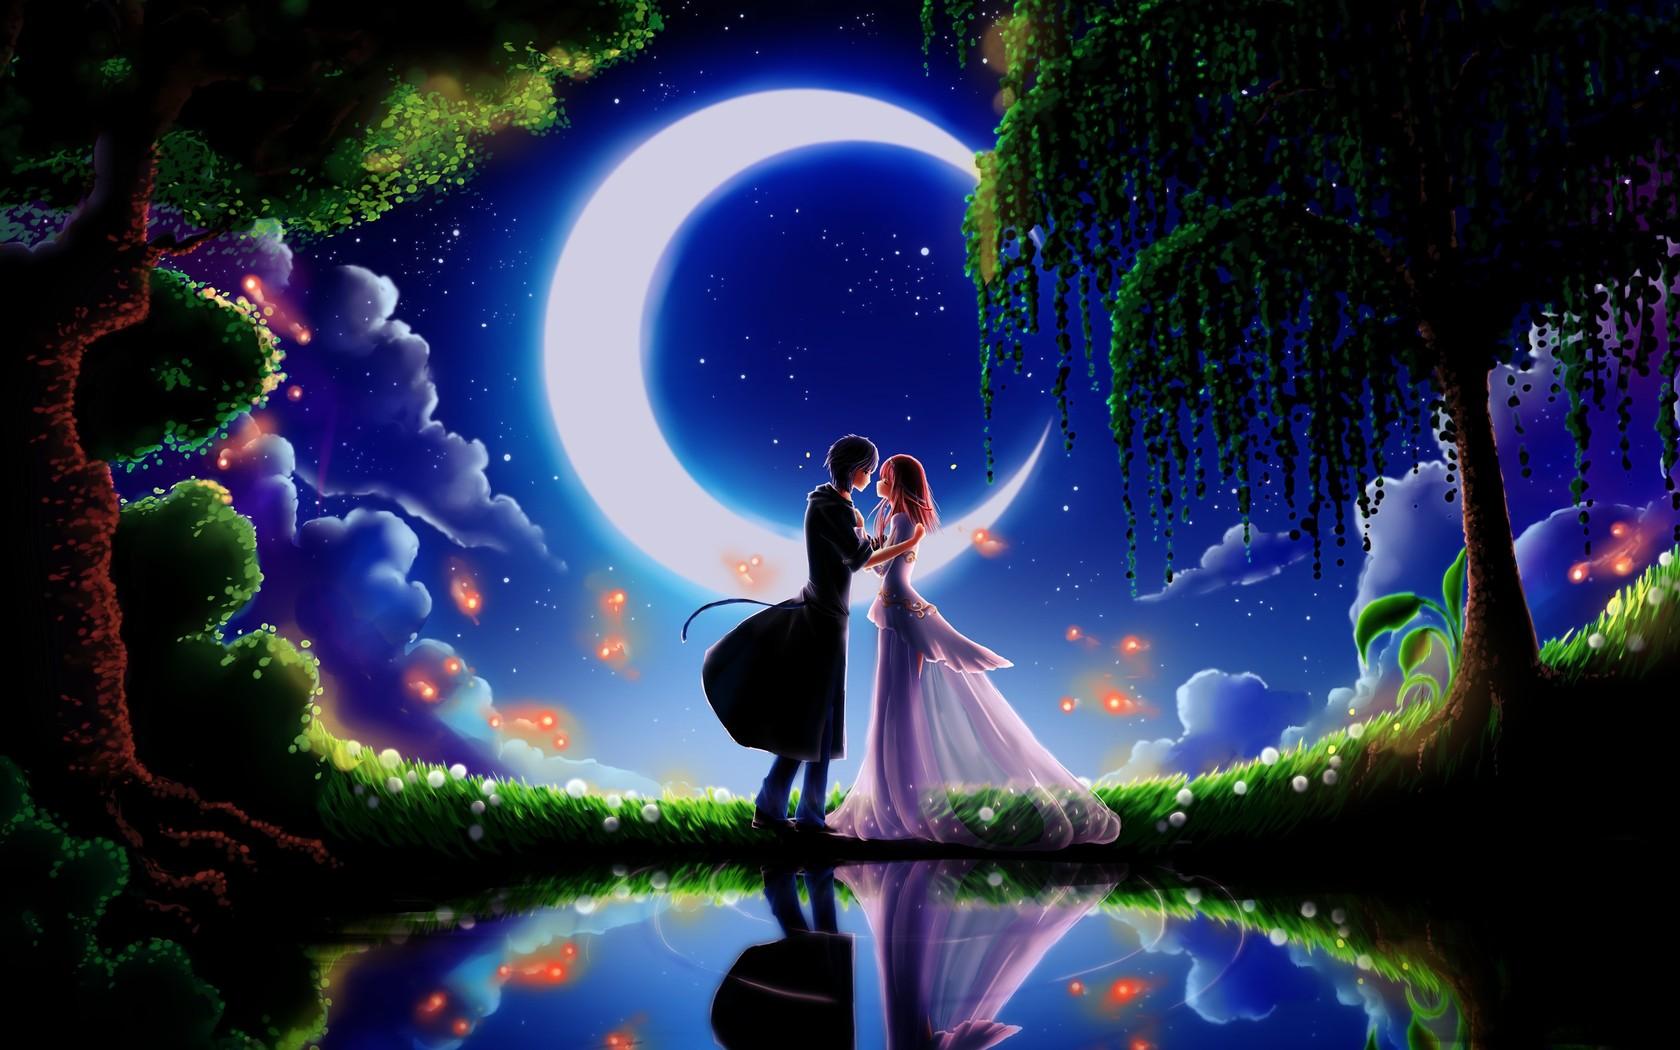 Фото гиф нежный утренний поцелуй лет